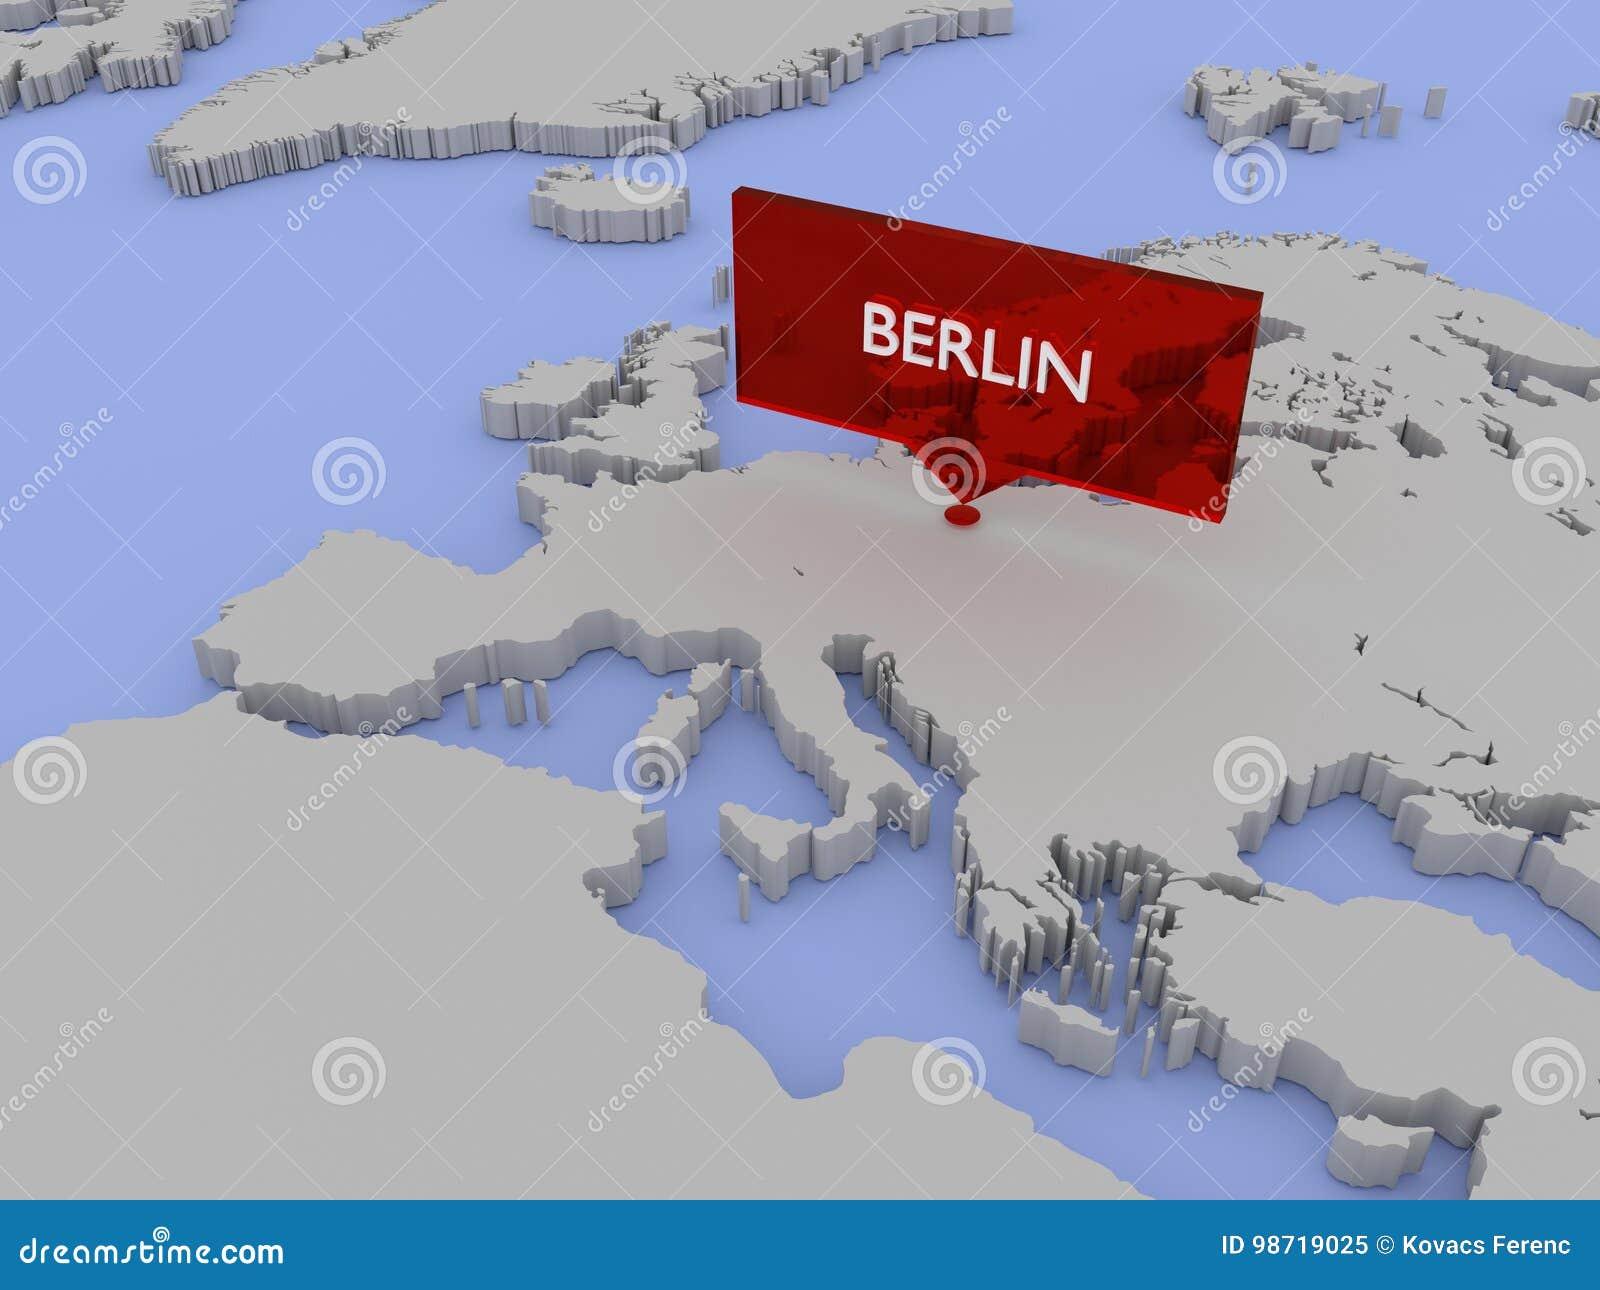 3d World Map Illustration - Berlin Stock Illustration - Illustration ...